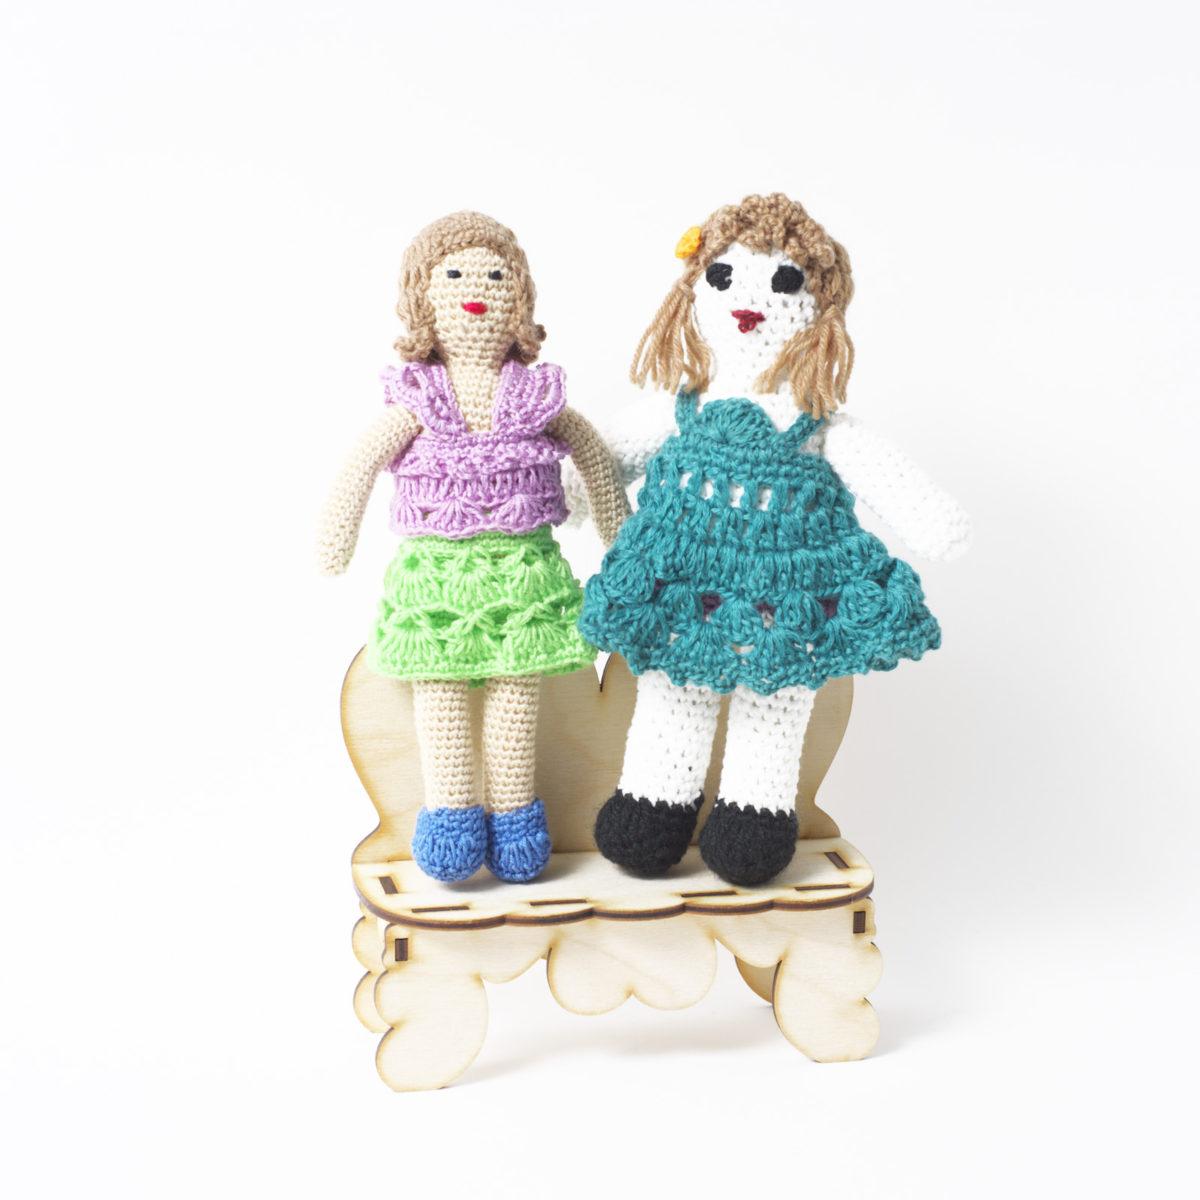 РАСПРОДАЖА! Девочка- куколка, цена за штуку